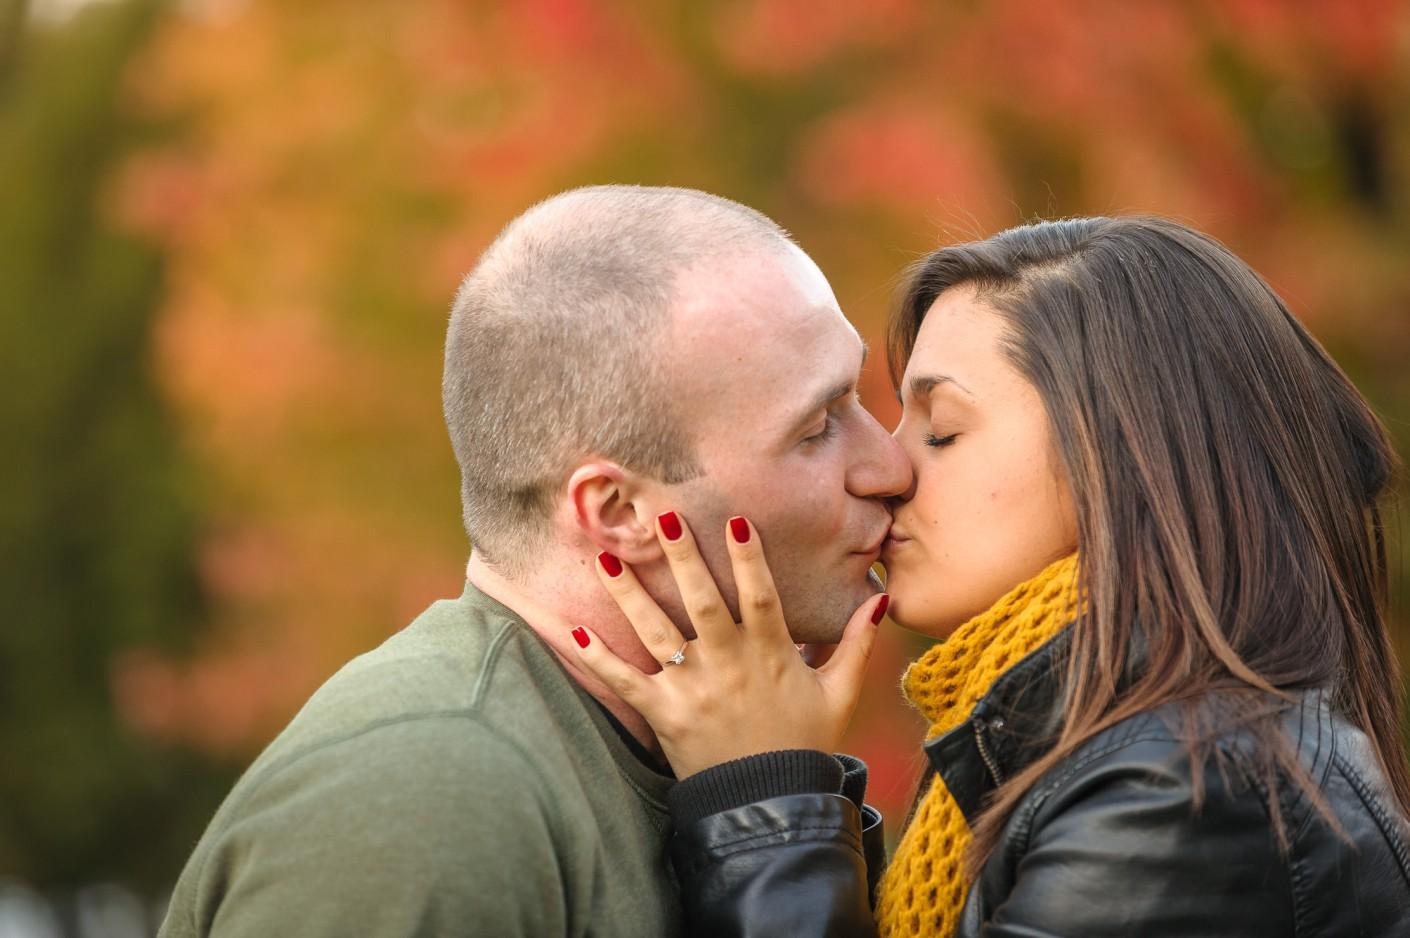 Fiancailles : L'amour -, KW:  Couple, Engagement, Mariage